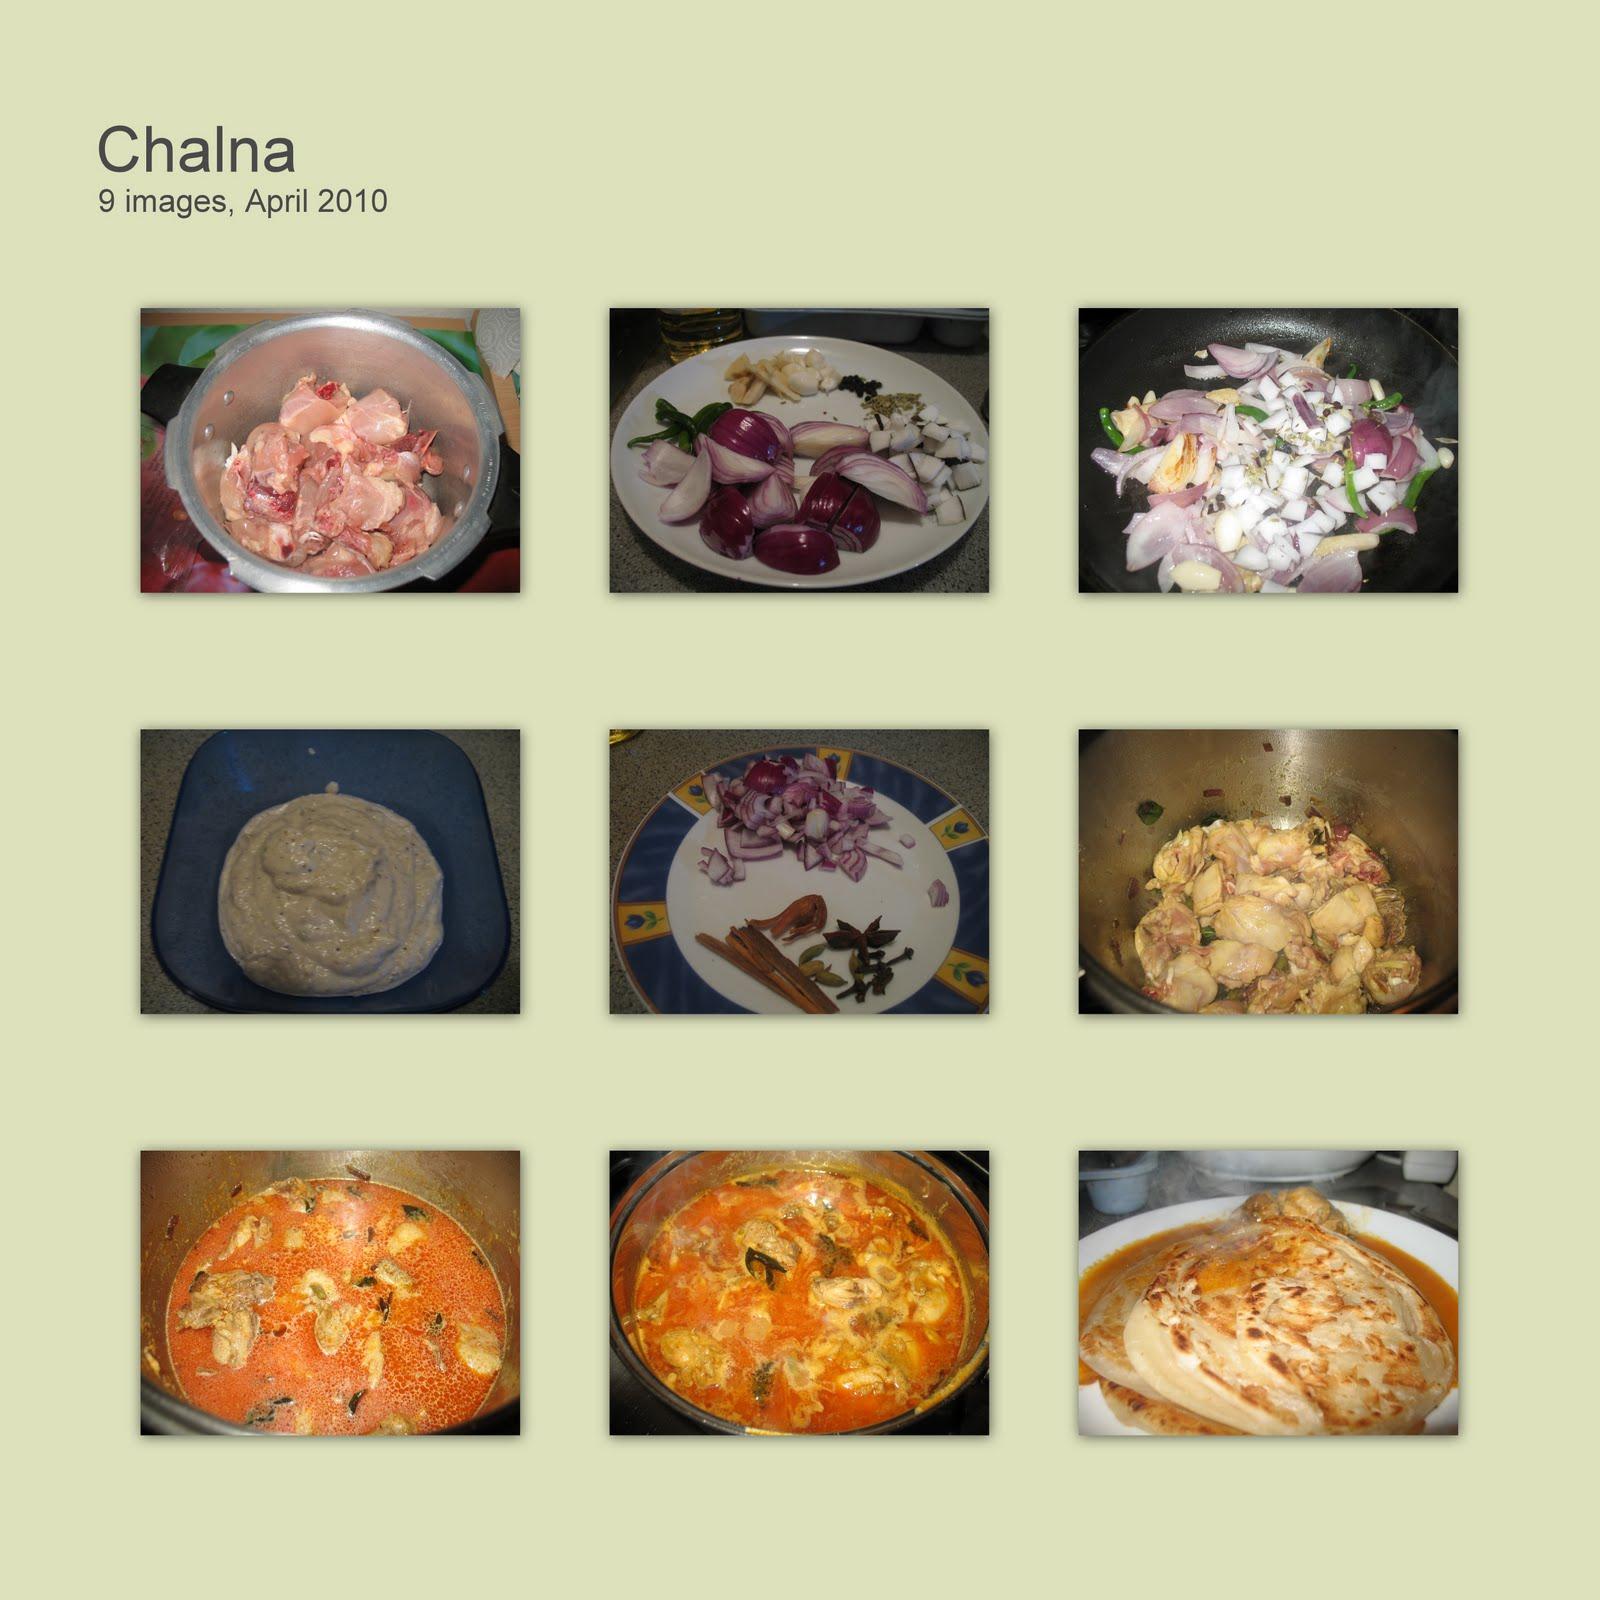 how to prepare parotta salna in tamil